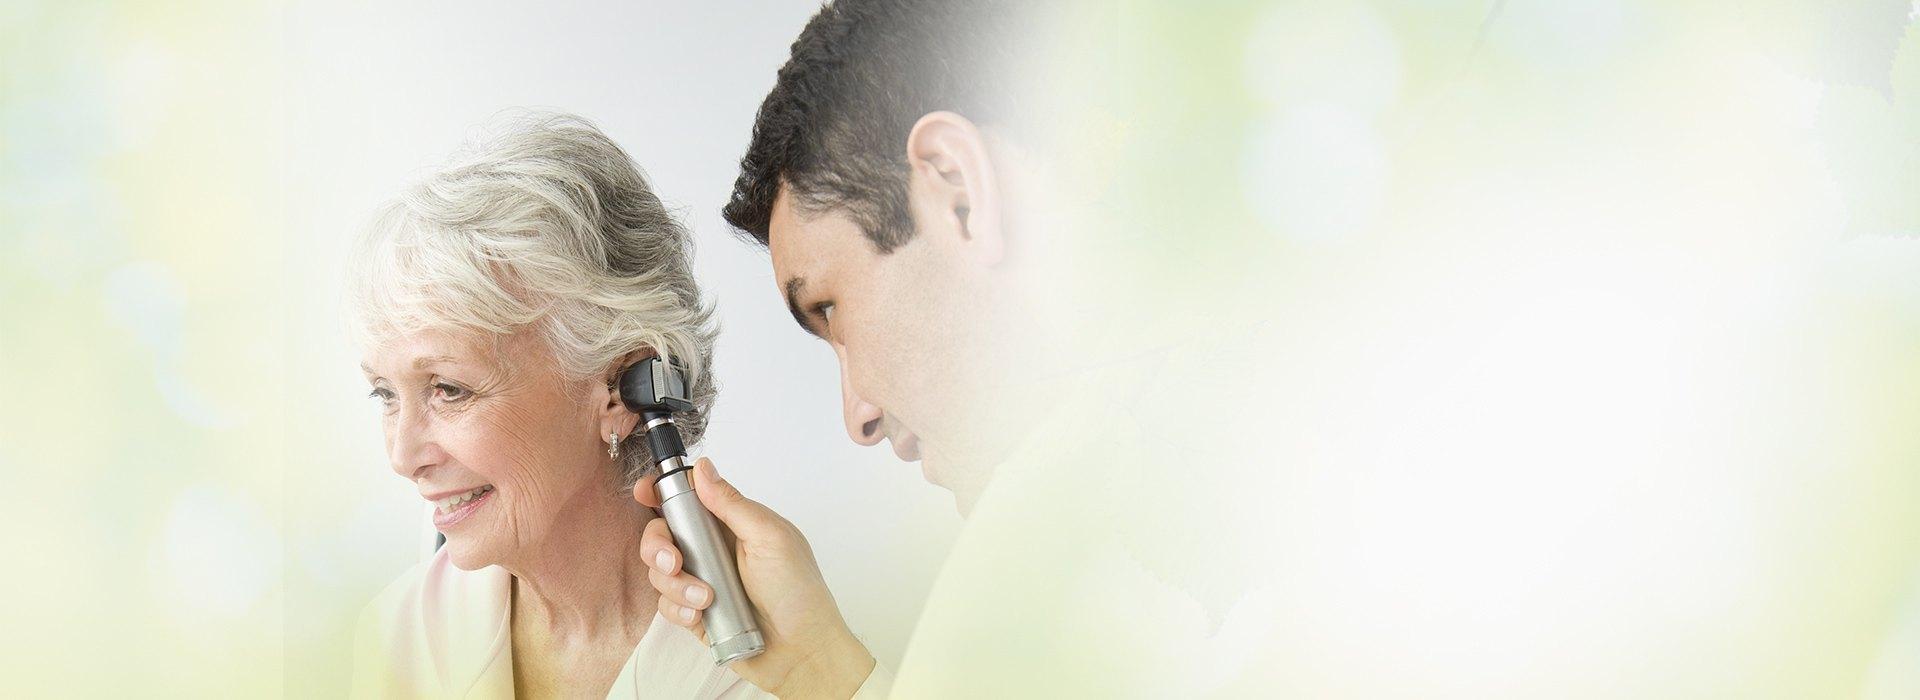 Ouvido - Doenças e Tratamentos